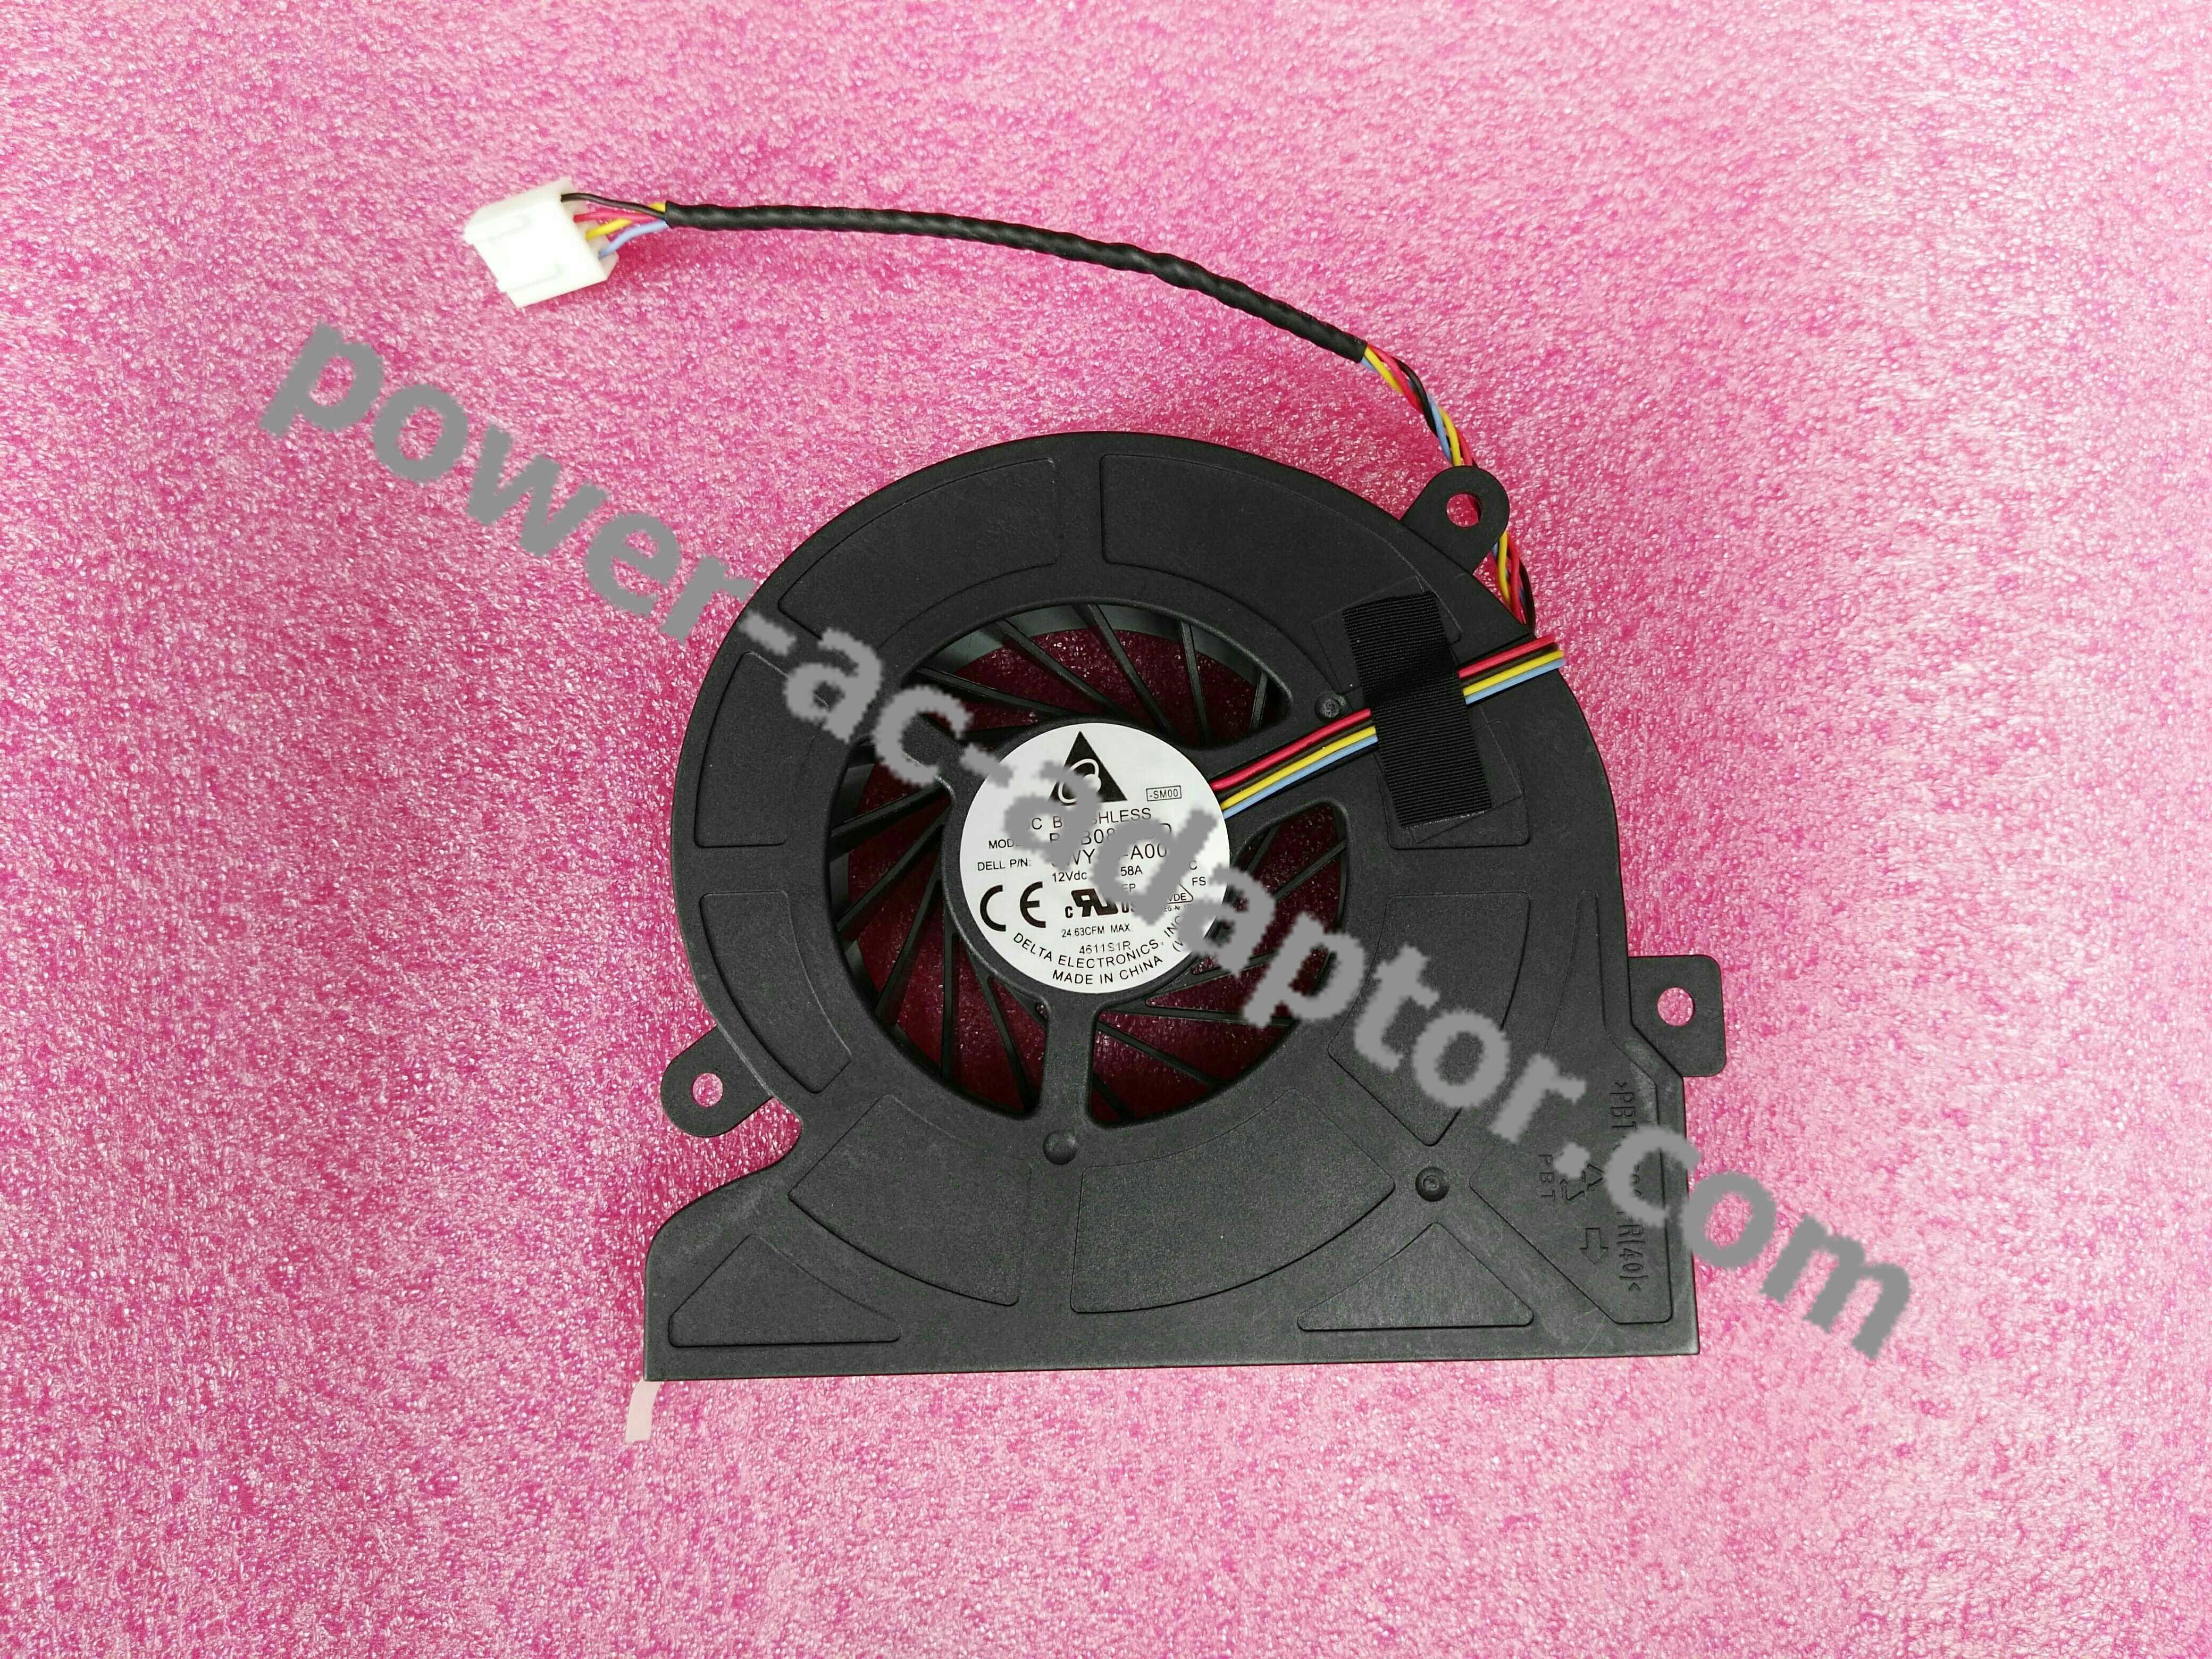 Dell Inspiron ONE 2310 2205 2305 00636V 0636V 0U939R U939R ALL IN ONE PC CPU Fan